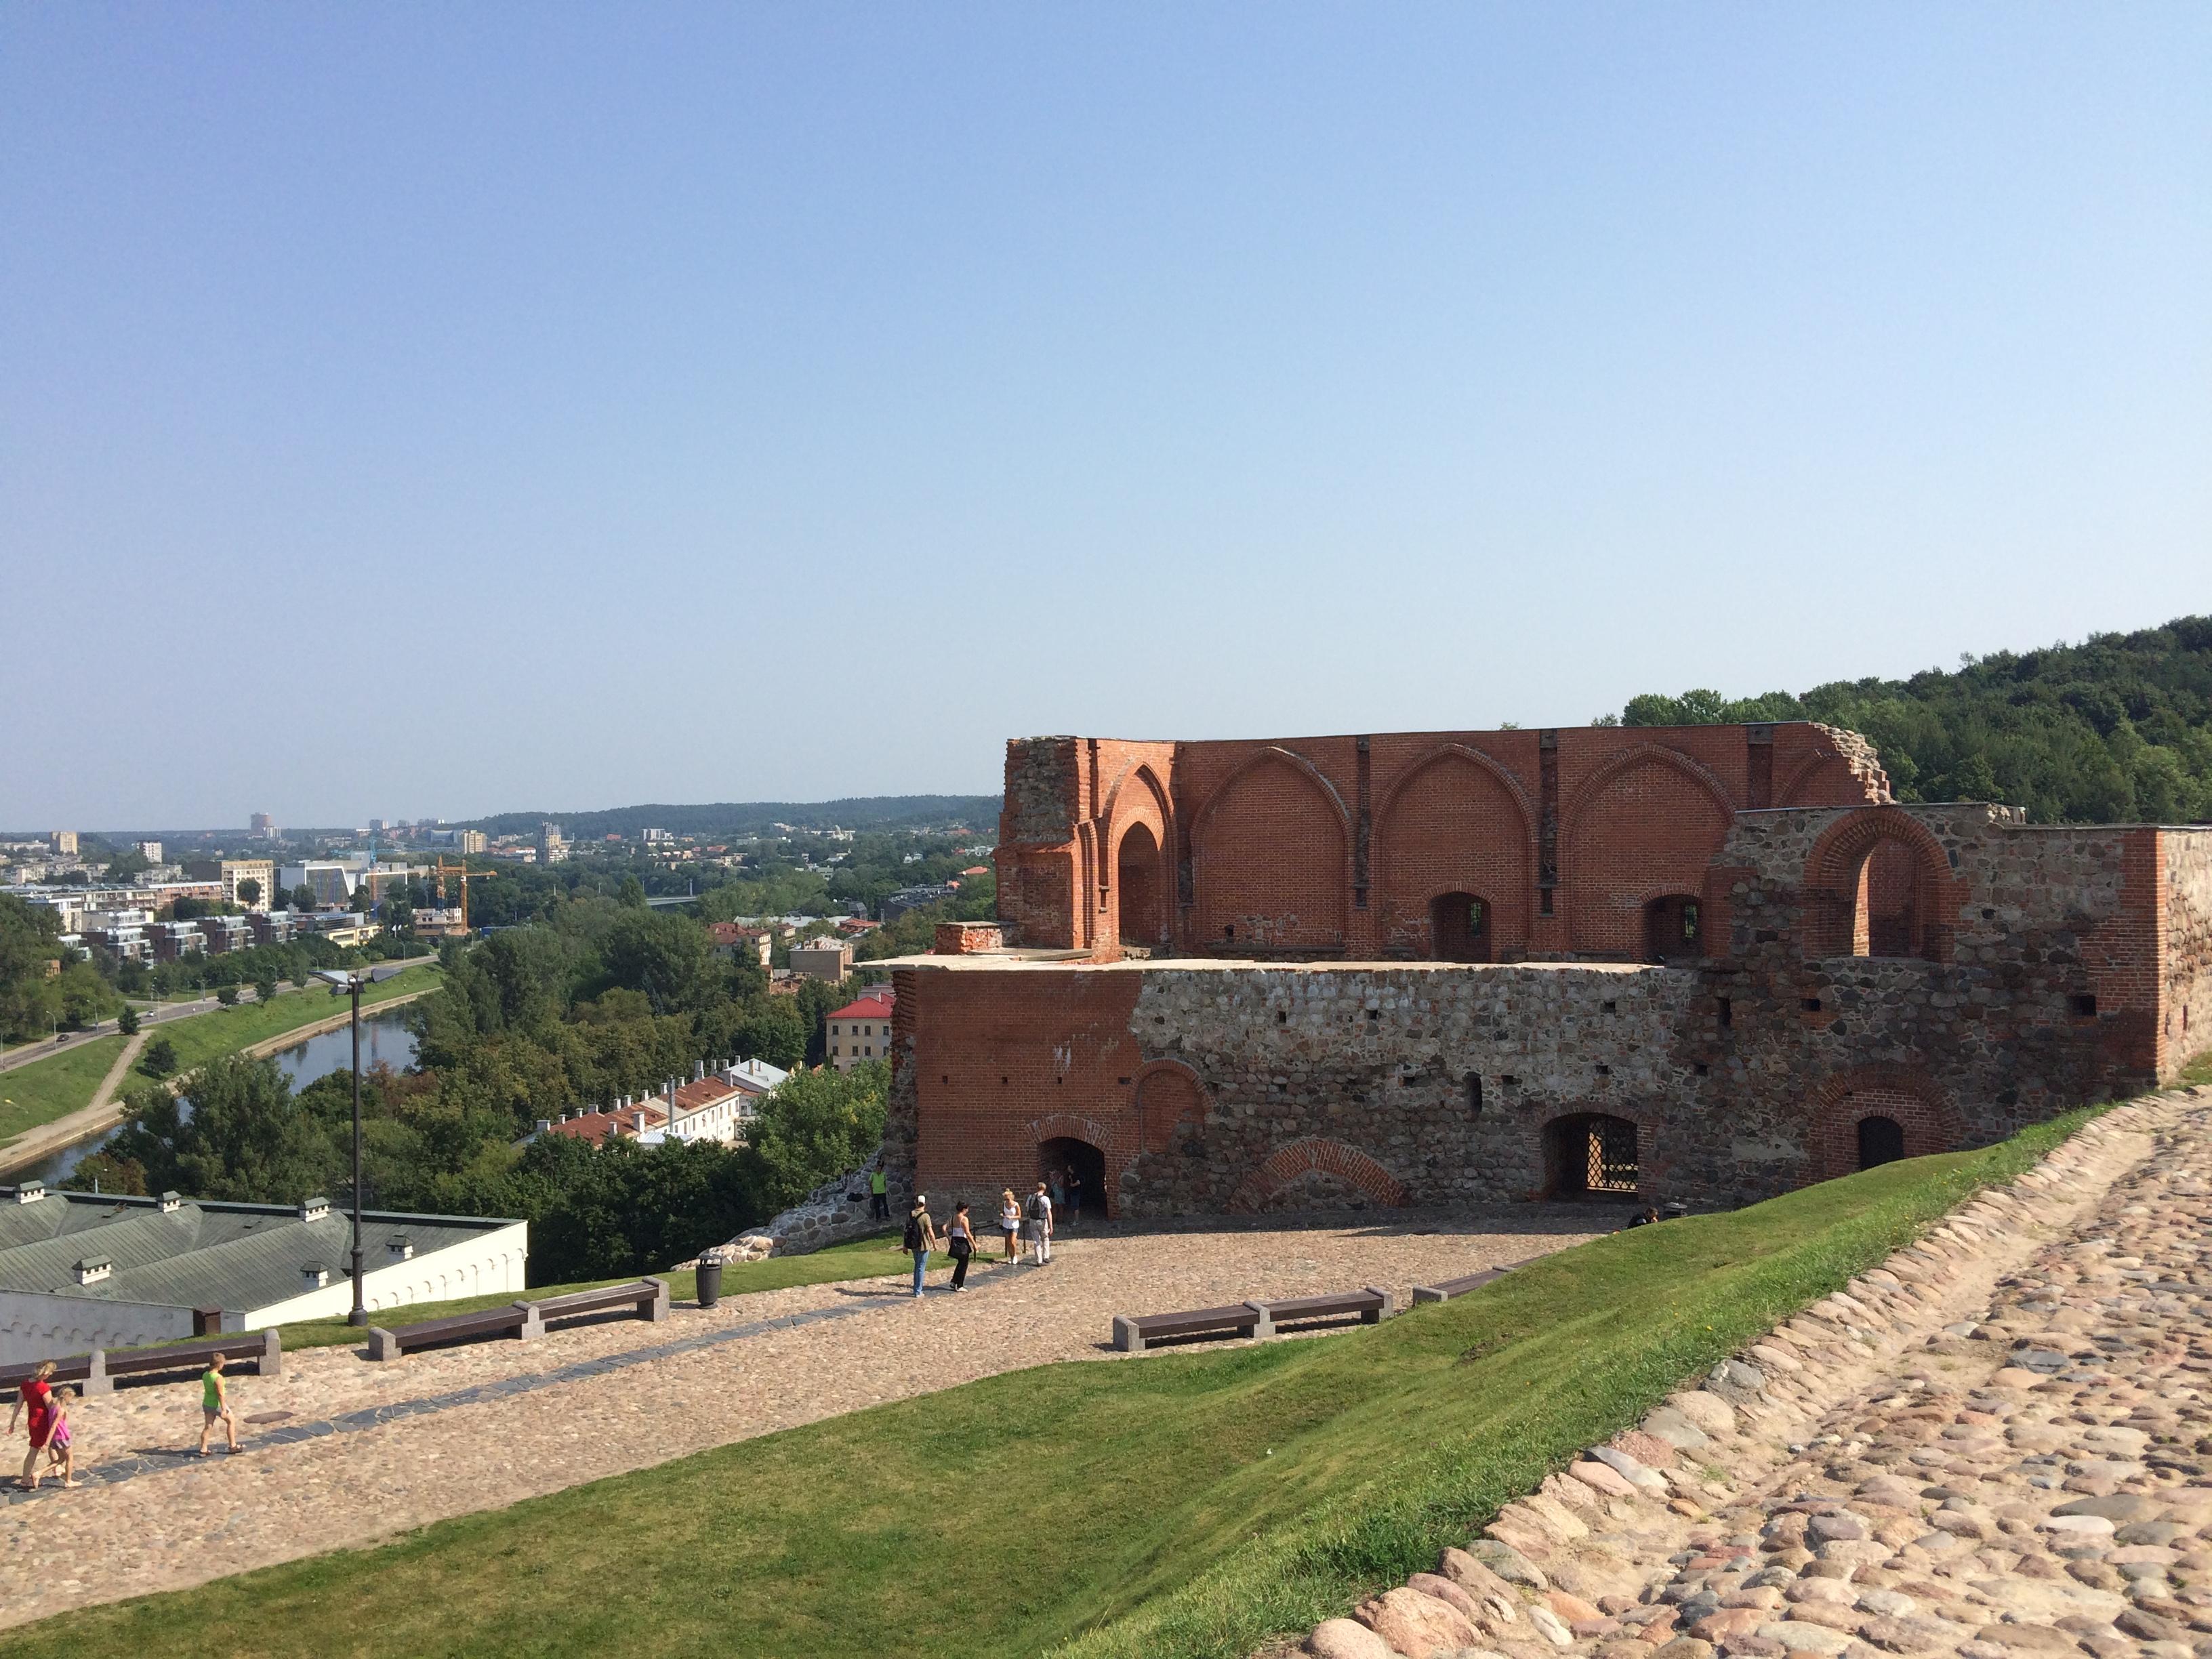 ゲティミナス城の城壁っぽい何か